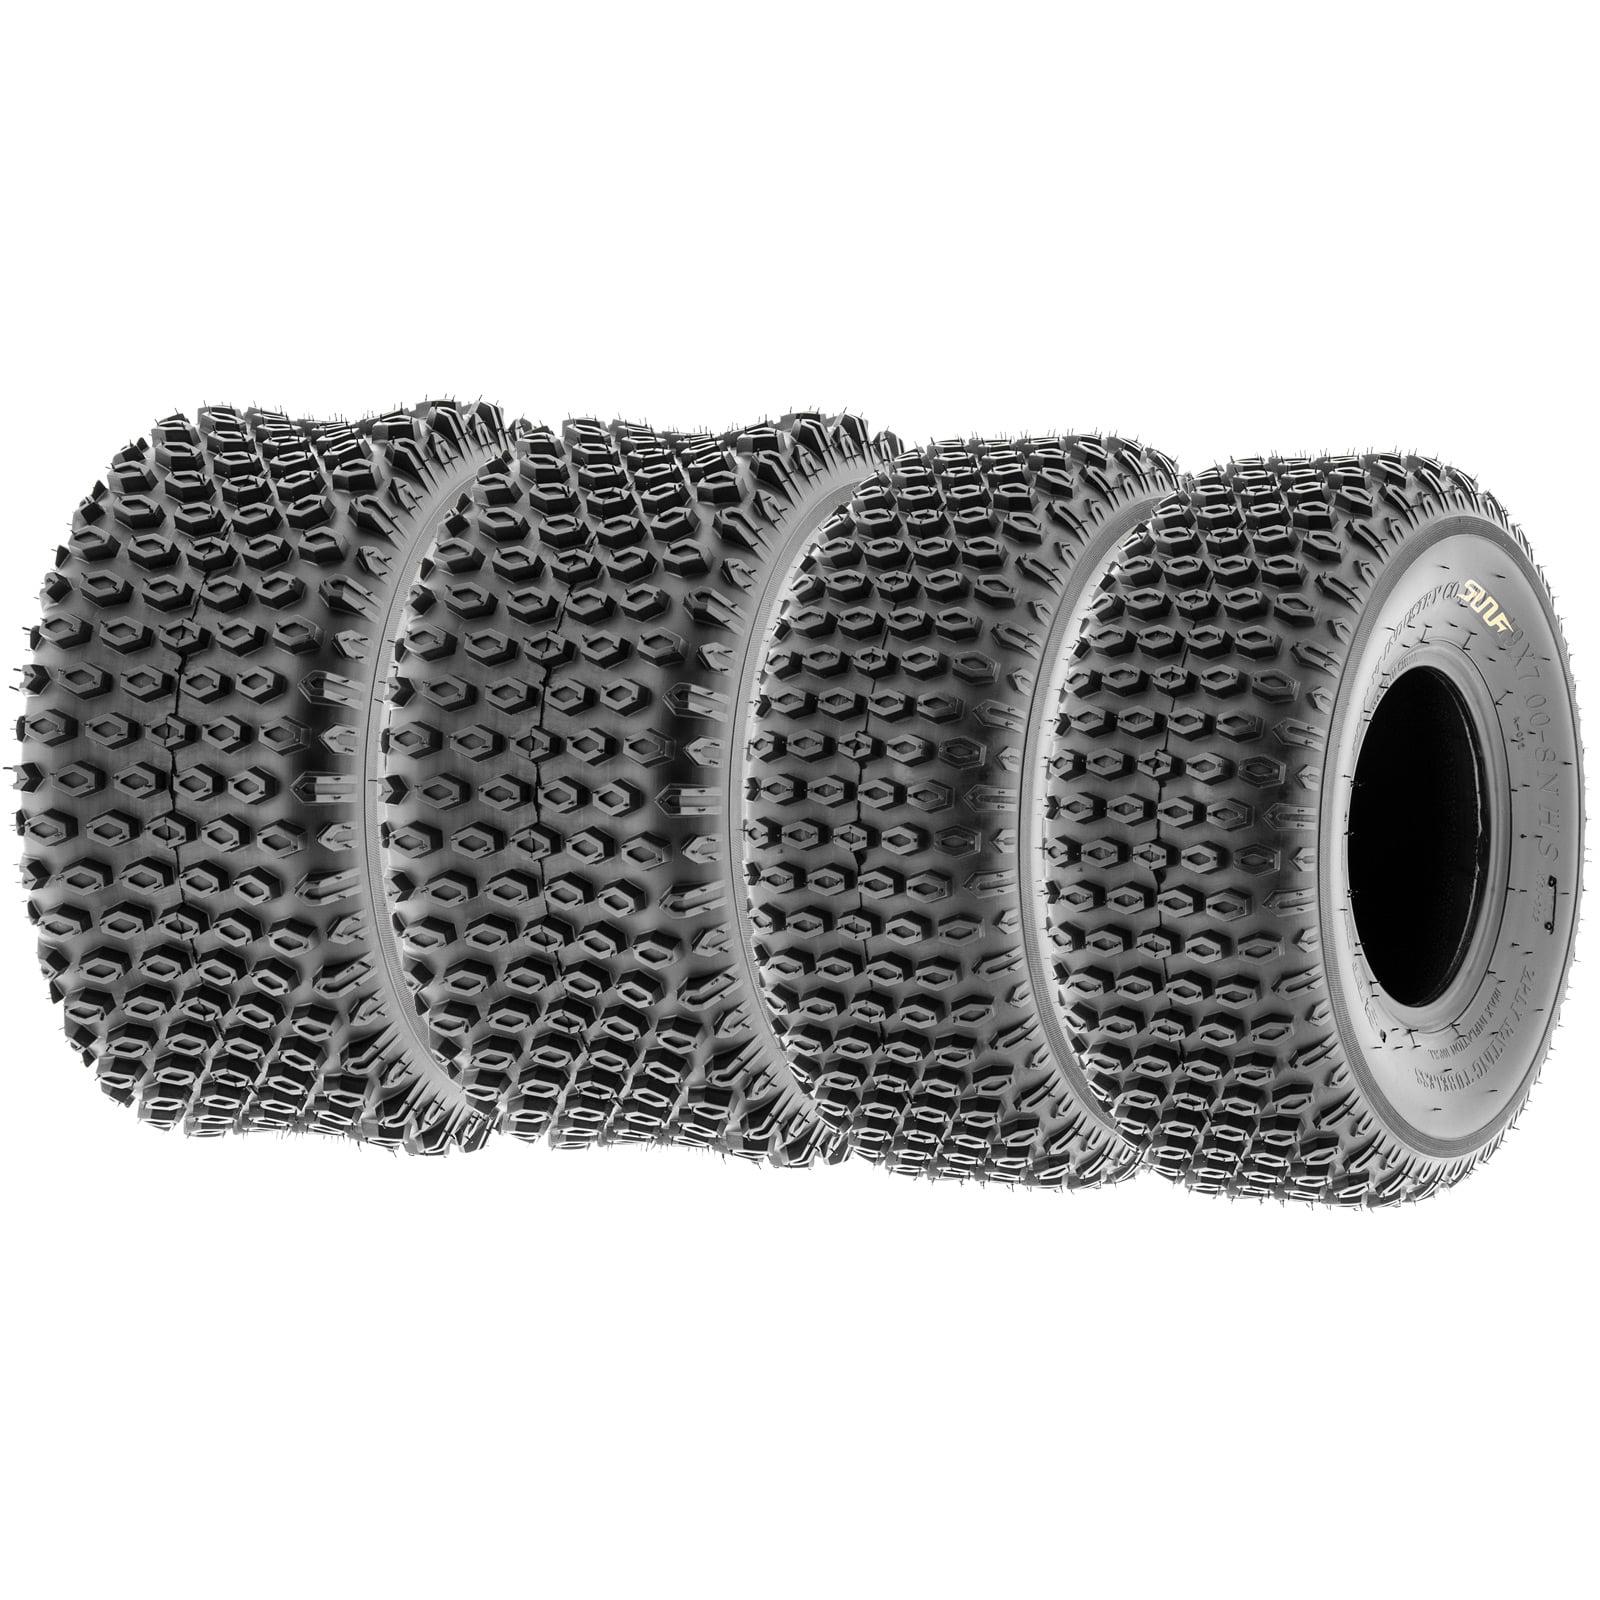 SunF Quad ATV Sport Tires 19x7-8 & 18x9.5-8 4 PR A012 (Fu...